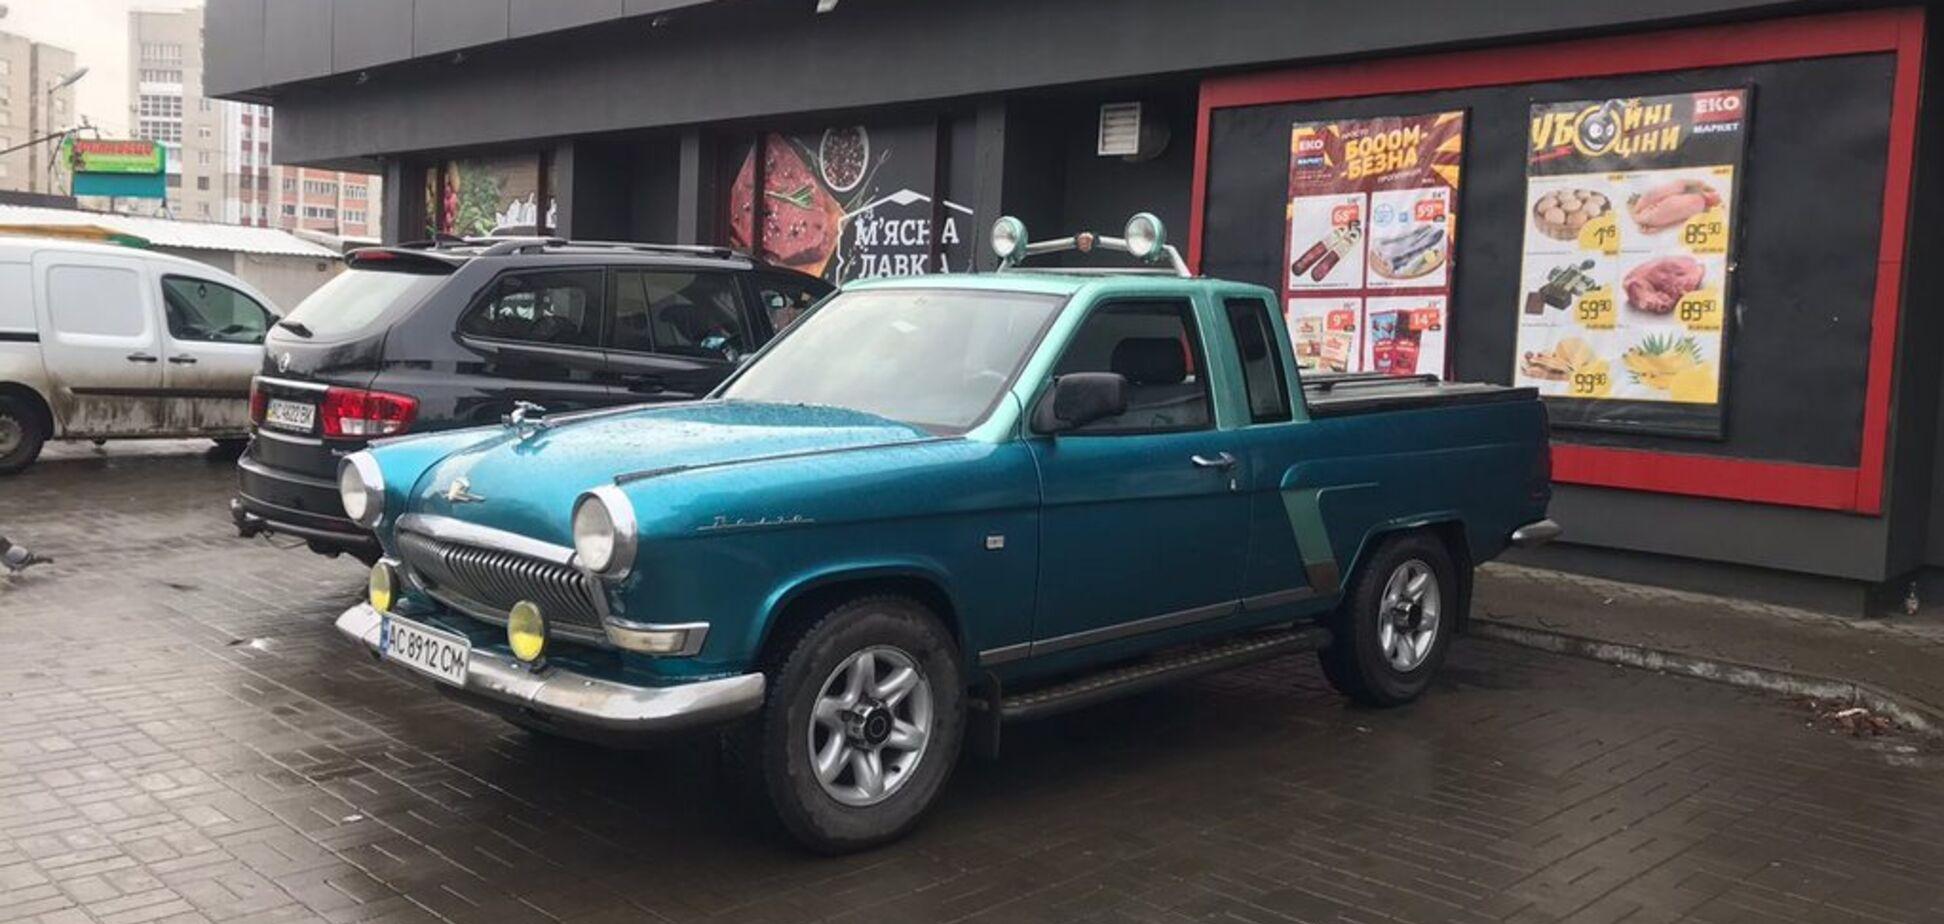 Це авто невідомо ГАЗу: в Україні зробили яскравий пікап Волга